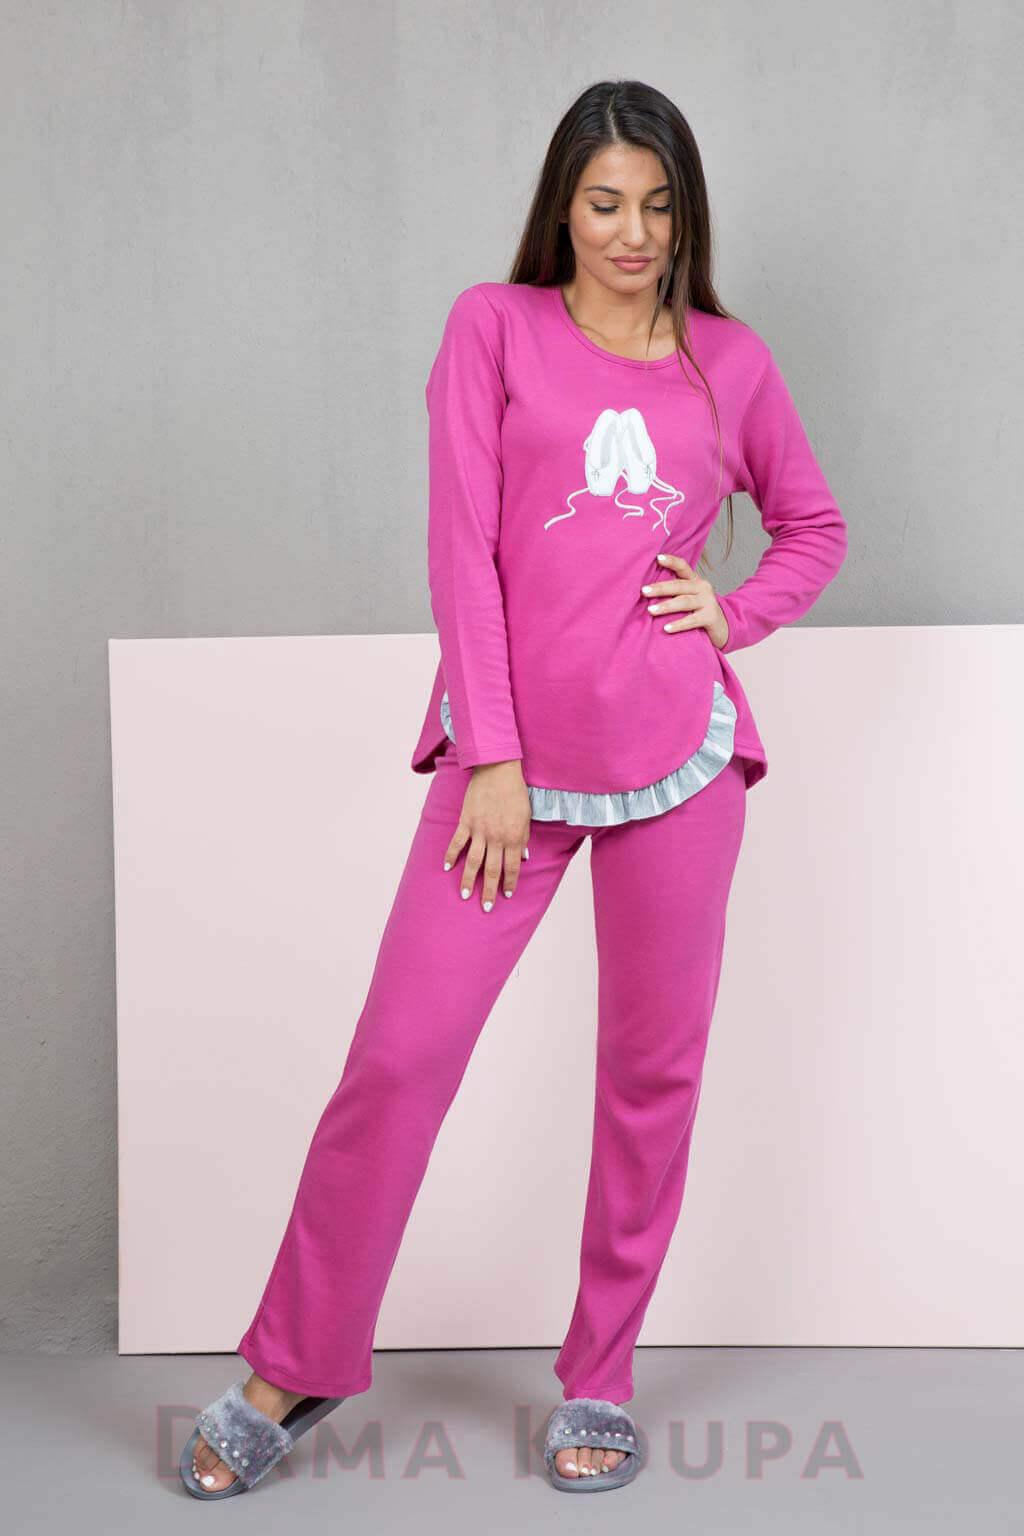 Γυναικεία πιτζάμα με κέντημα πουέντ Φούξ χειμερινή πυτζάμα με βολάν 8734d202479